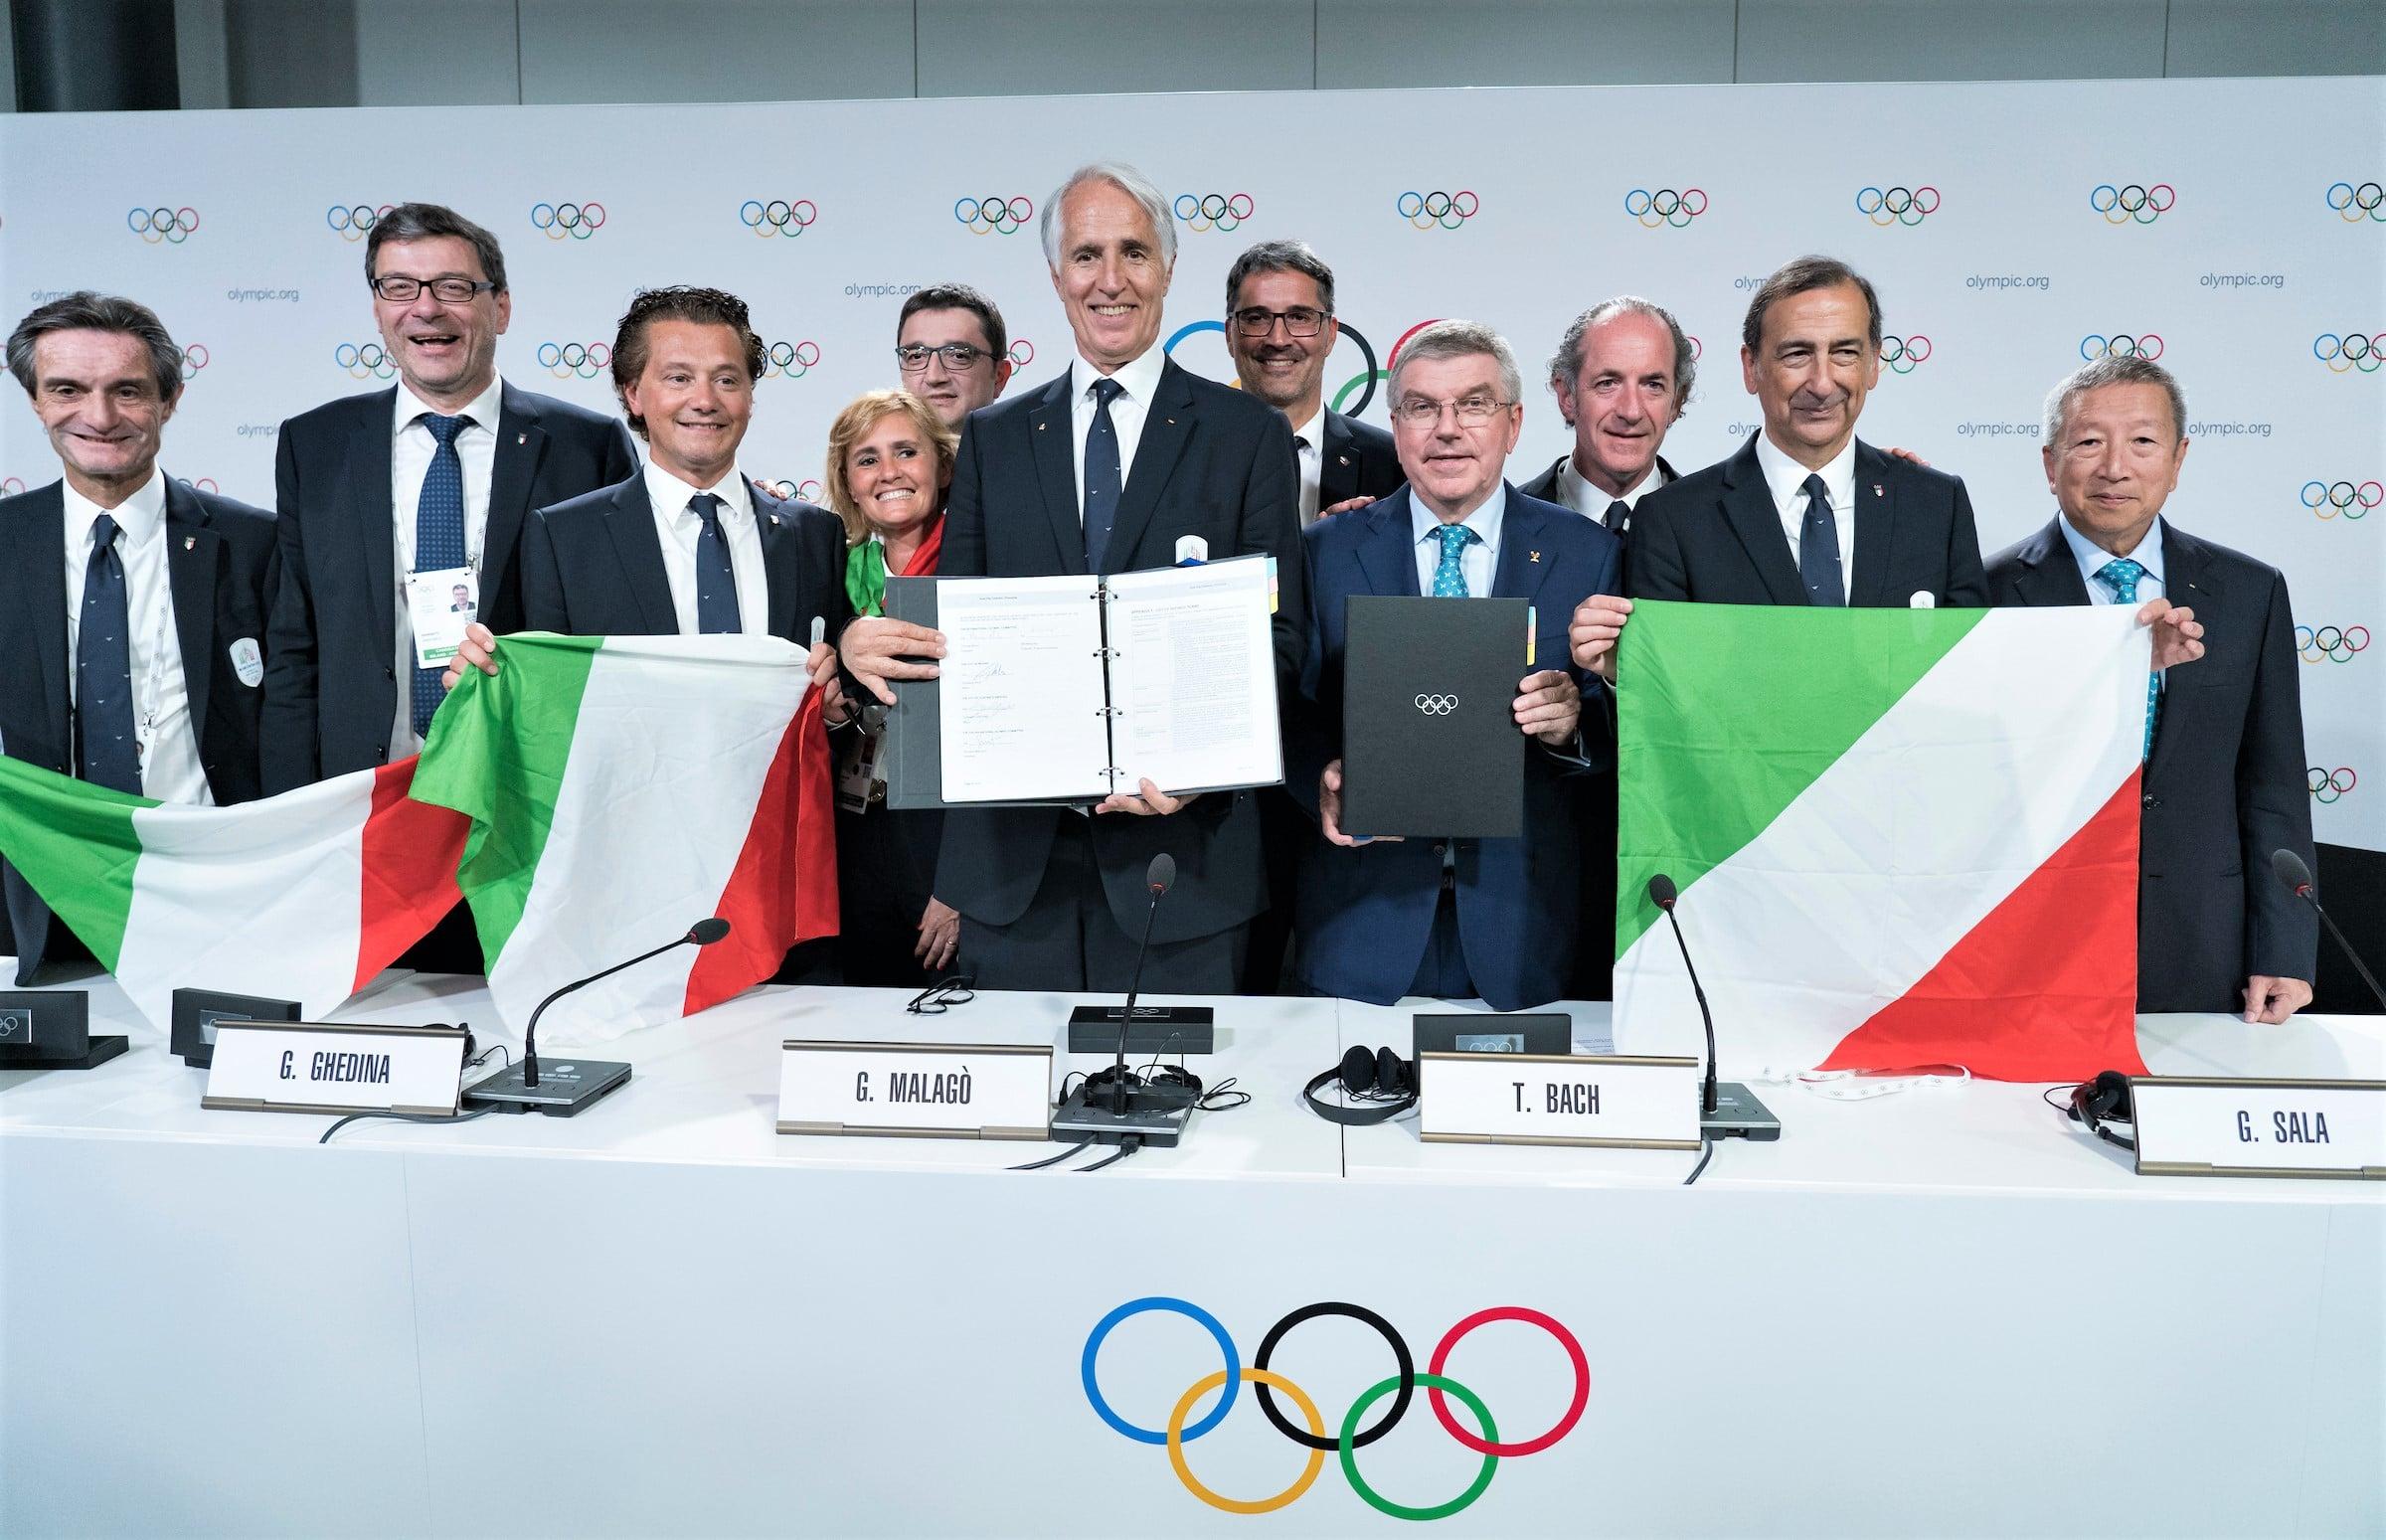 Milán y Cortina d'Ampezzo JJ.OO 2026